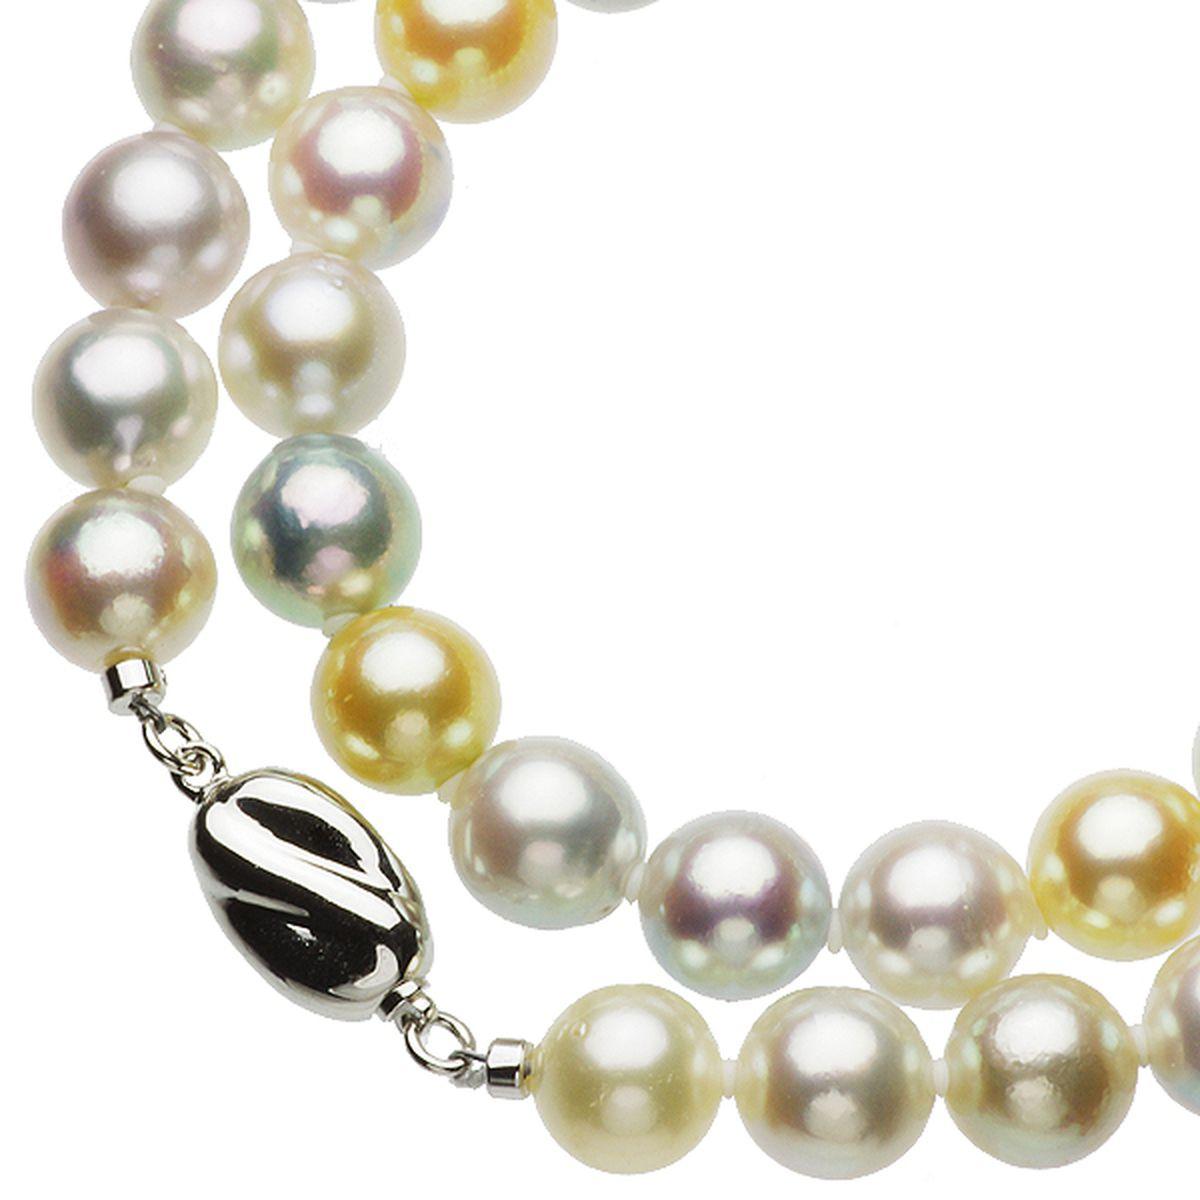 アコヤ真珠フォーマルセット 約9.0-9.5mmの写真